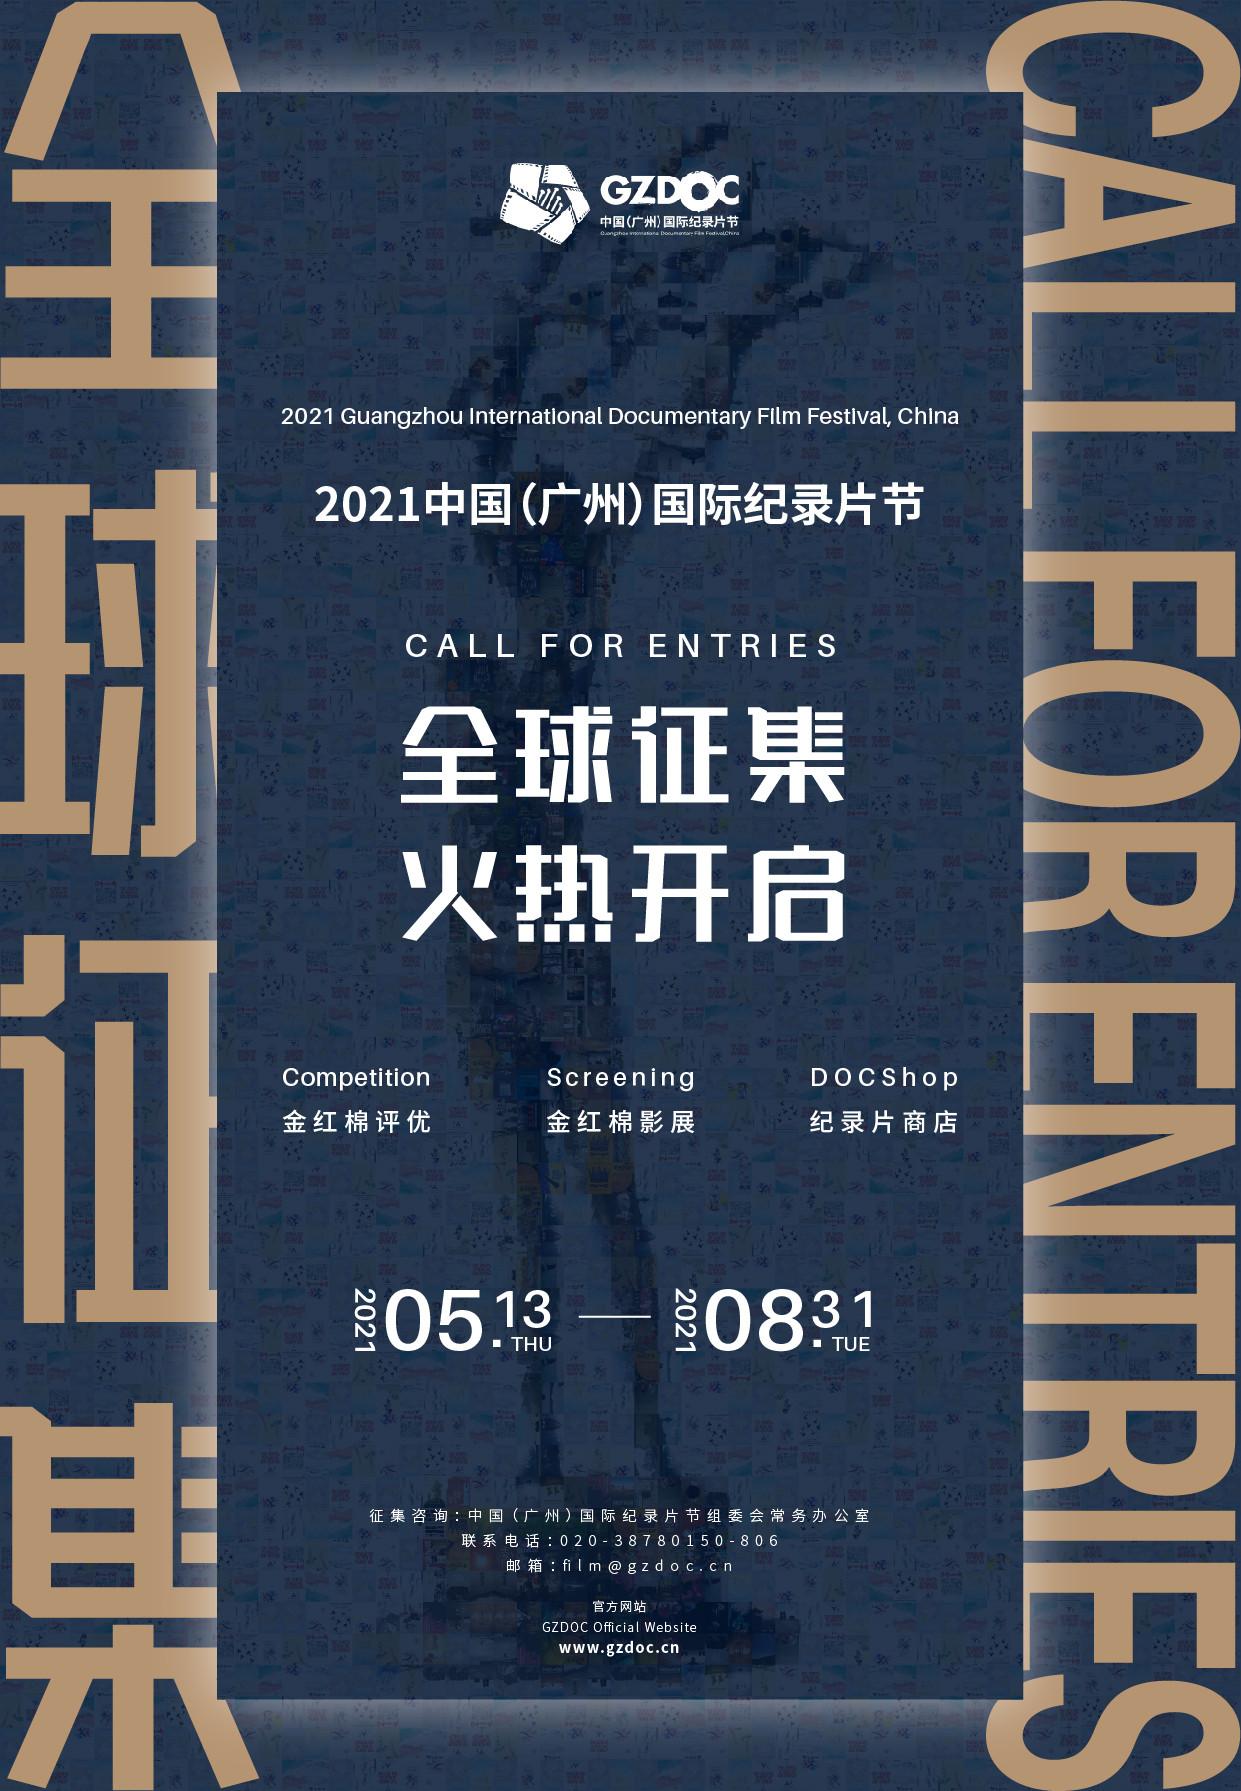 2021中国(广州)国际纪录片节全球征集启动